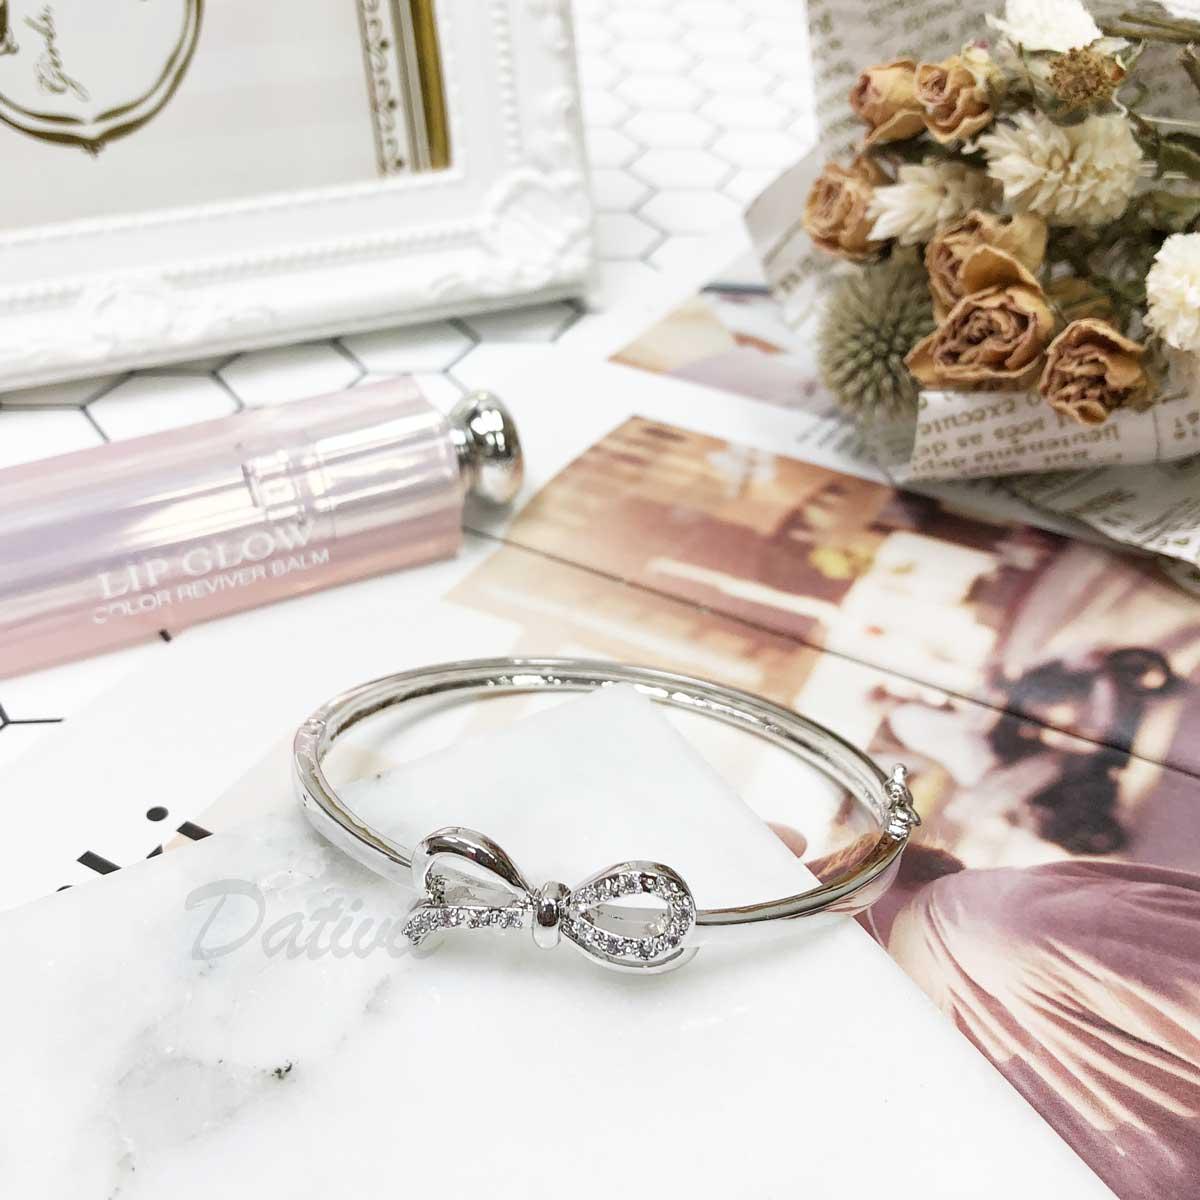 緞帶 蝴蝶結 線條 鑲鑽 經典 氣質款 手環 手飾